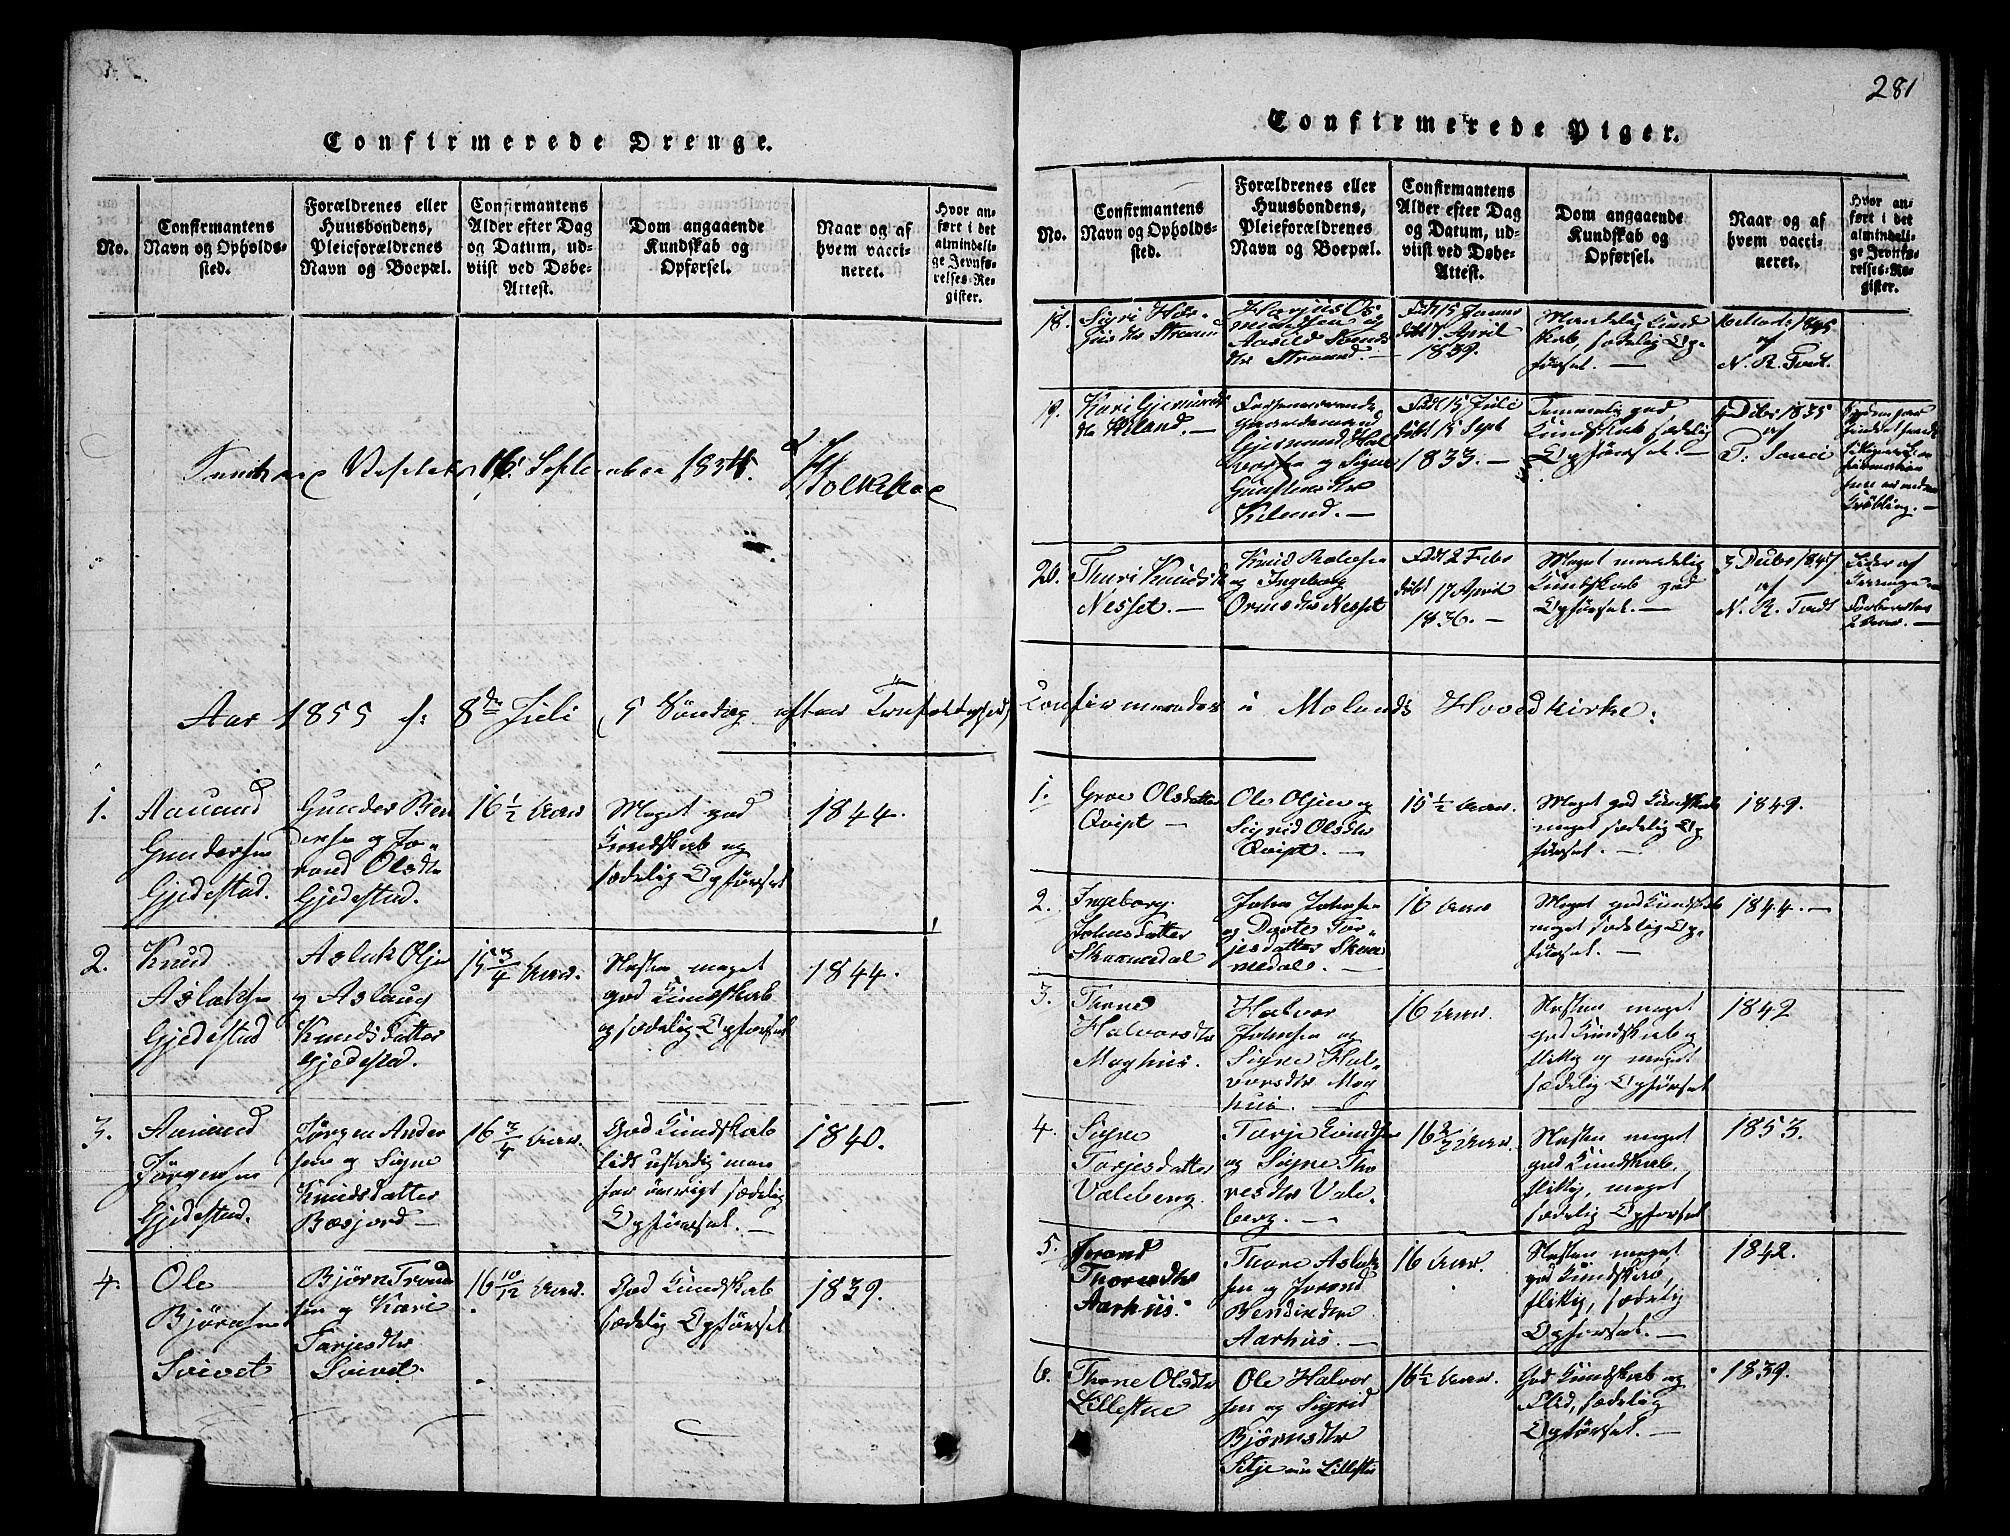 SAKO, Fyresdal kirkebøker, G/Ga/L0002: Klokkerbok nr. I 2, 1815-1857, s. 281